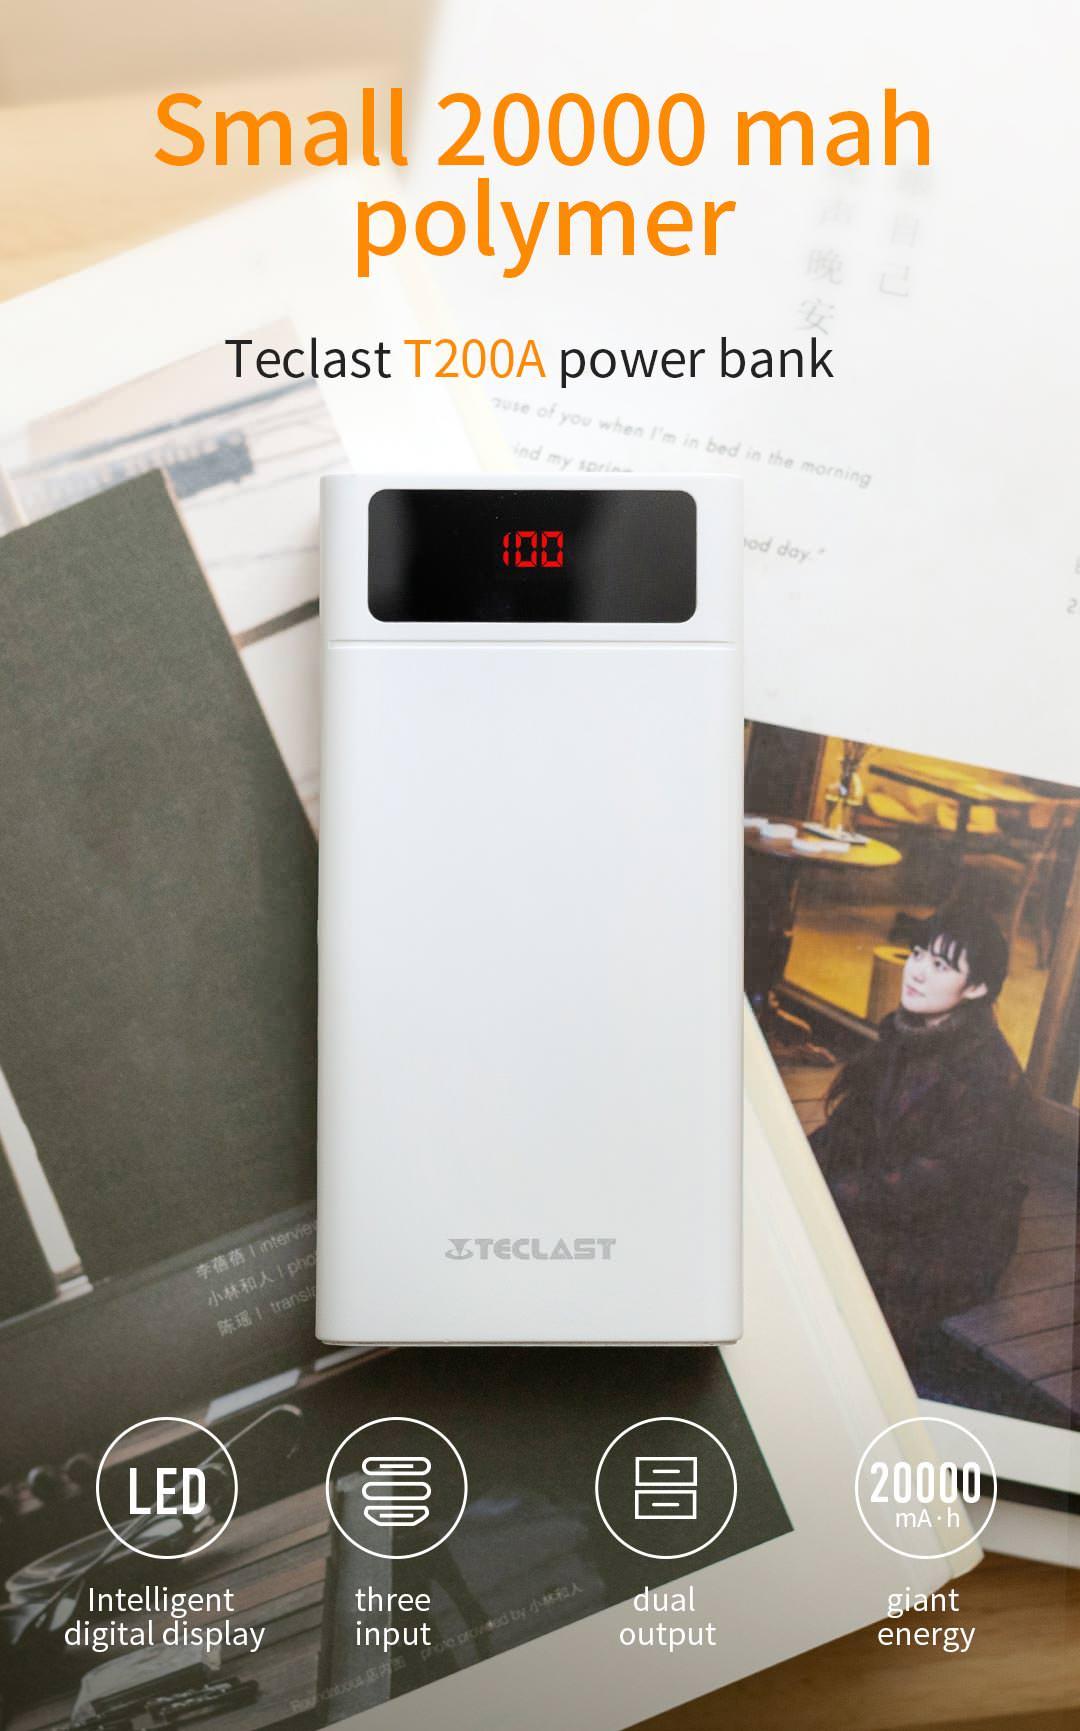 teclast t200a power bank